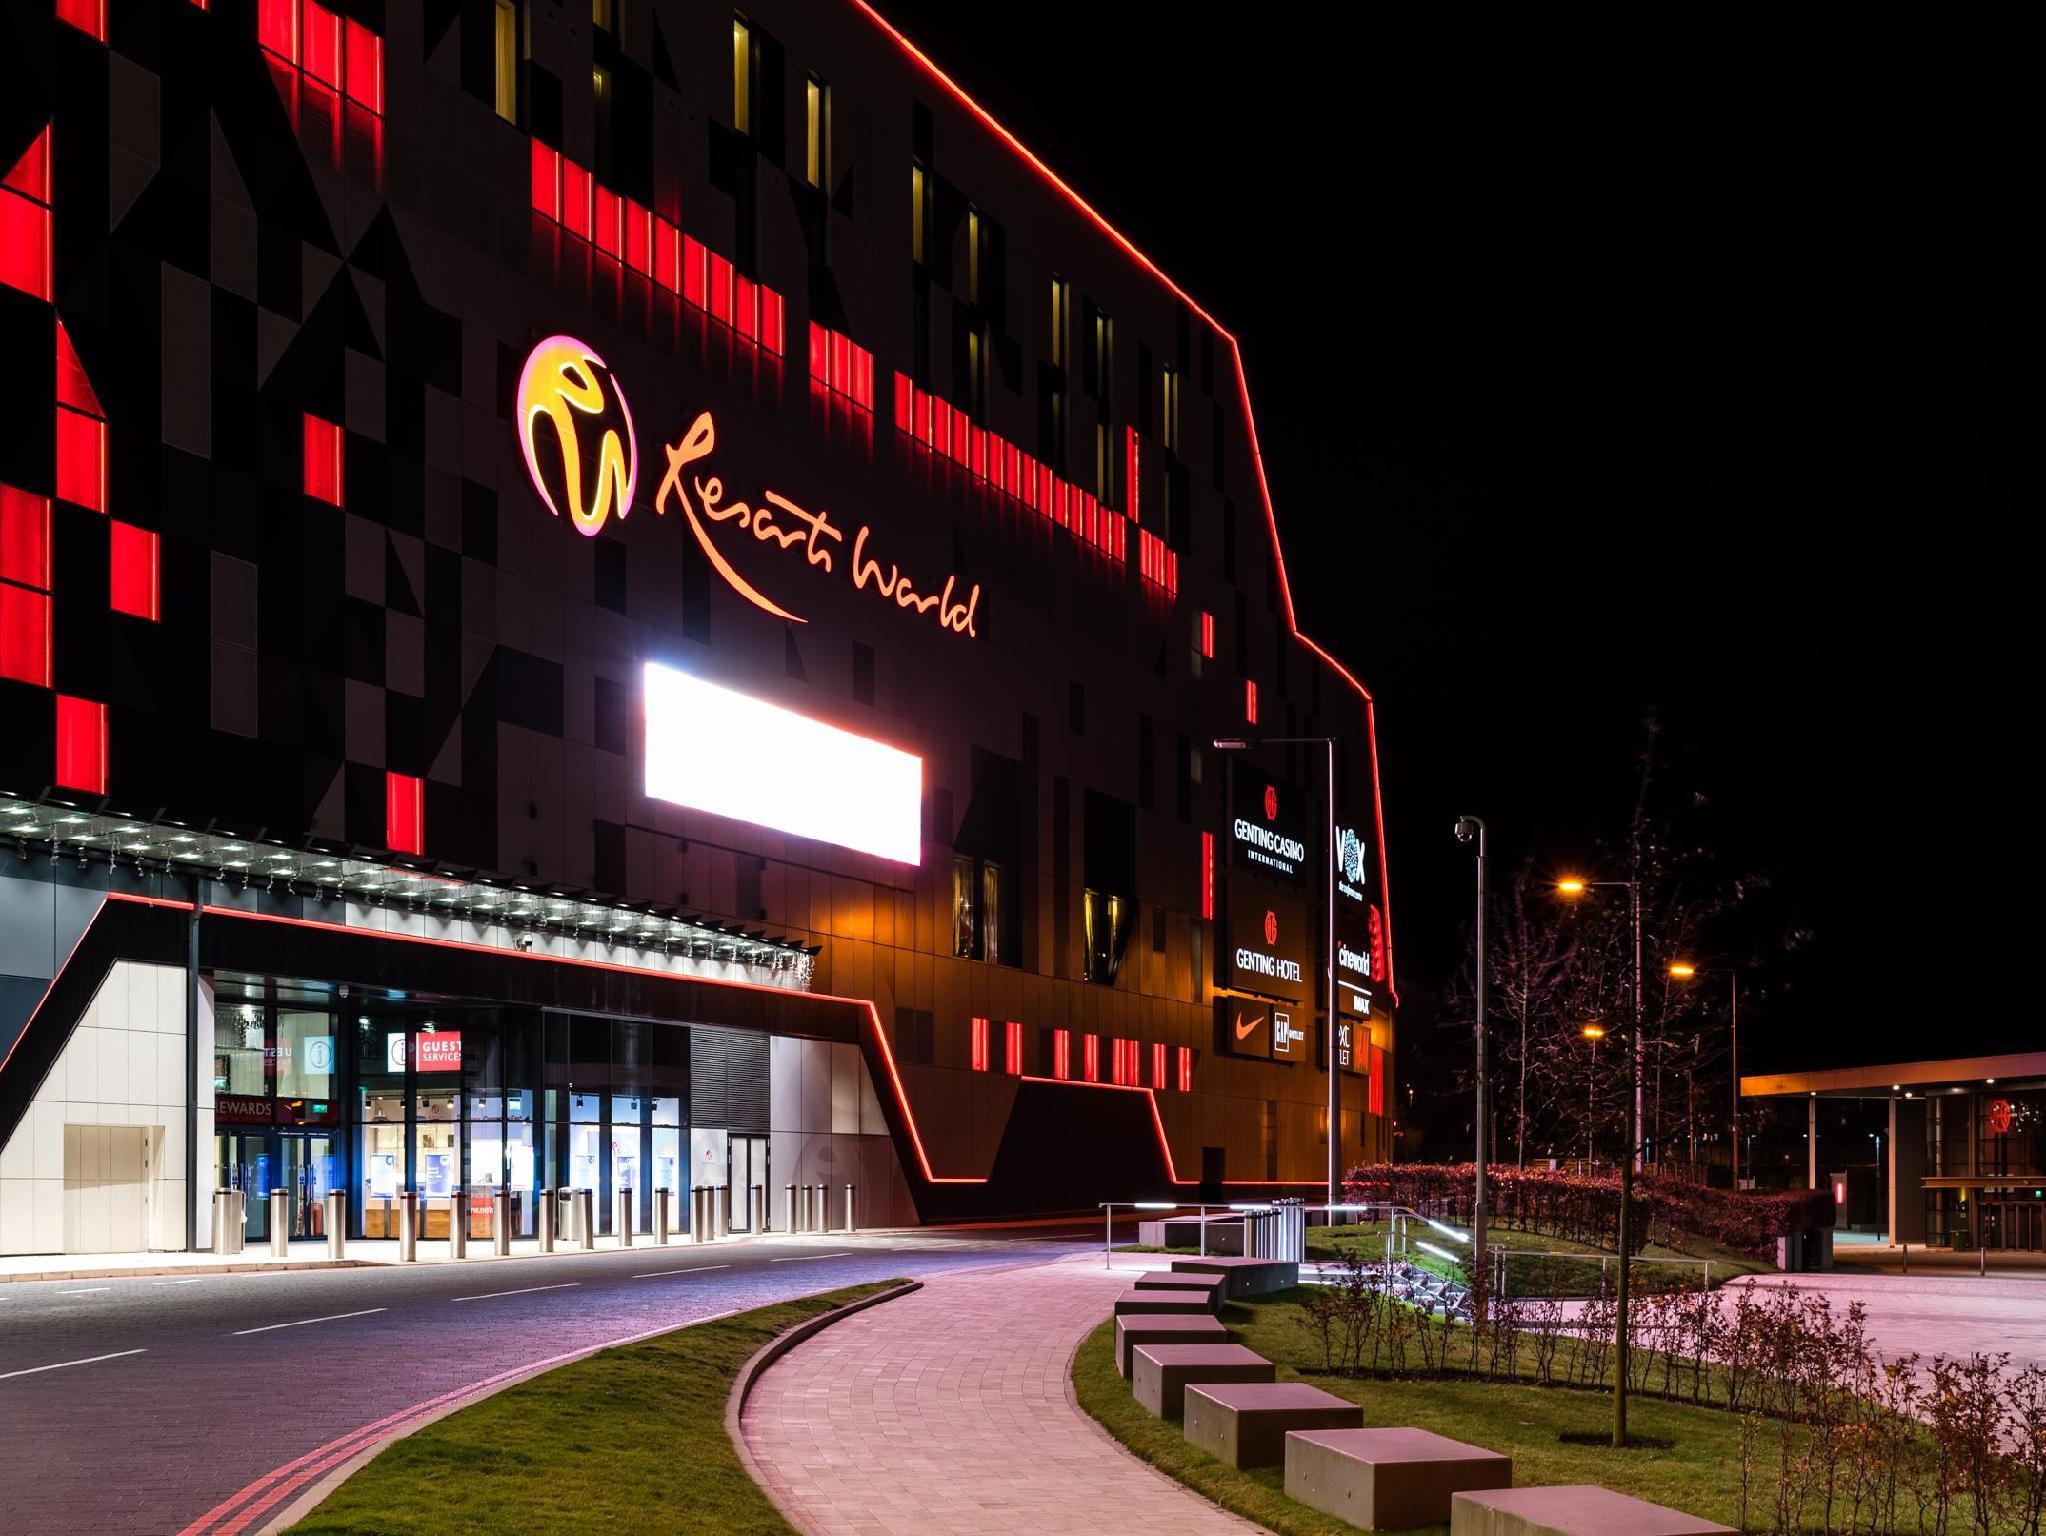 Genting Hotel Resorts World Birmingham U0026 Birmingham NEC In United Kingdom Europe